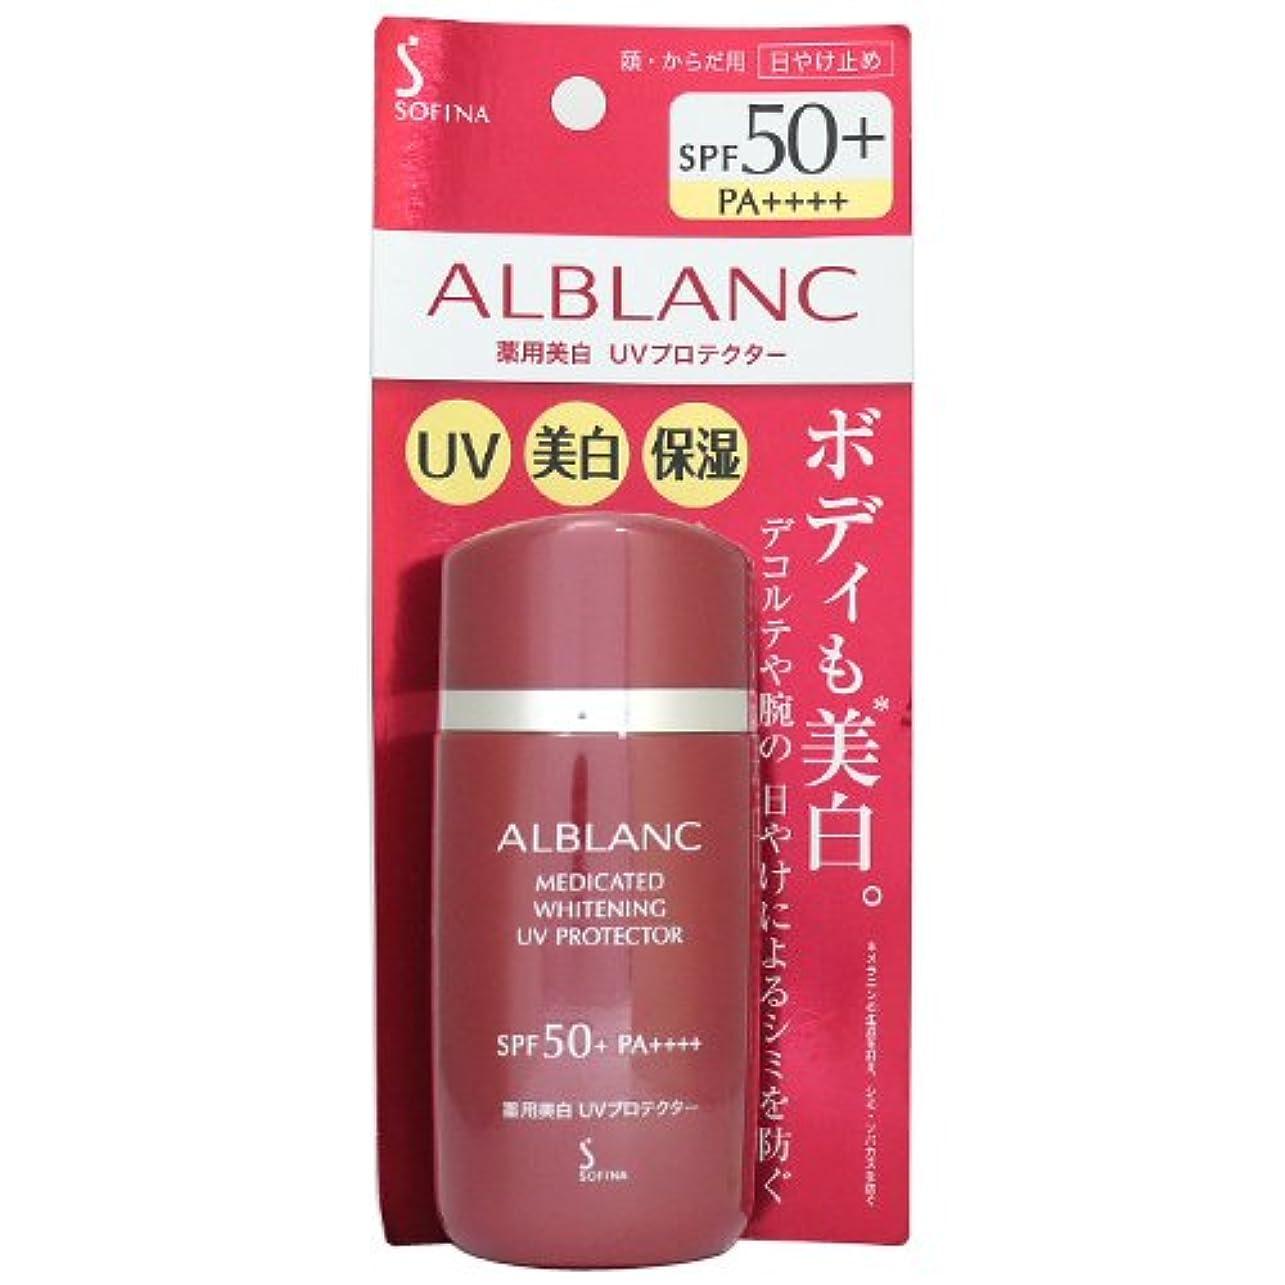 調整可能重要なパケットカオウ 花王アルブラン 薬用美白UVプロテクター SPF50+?PA++++ 60mL